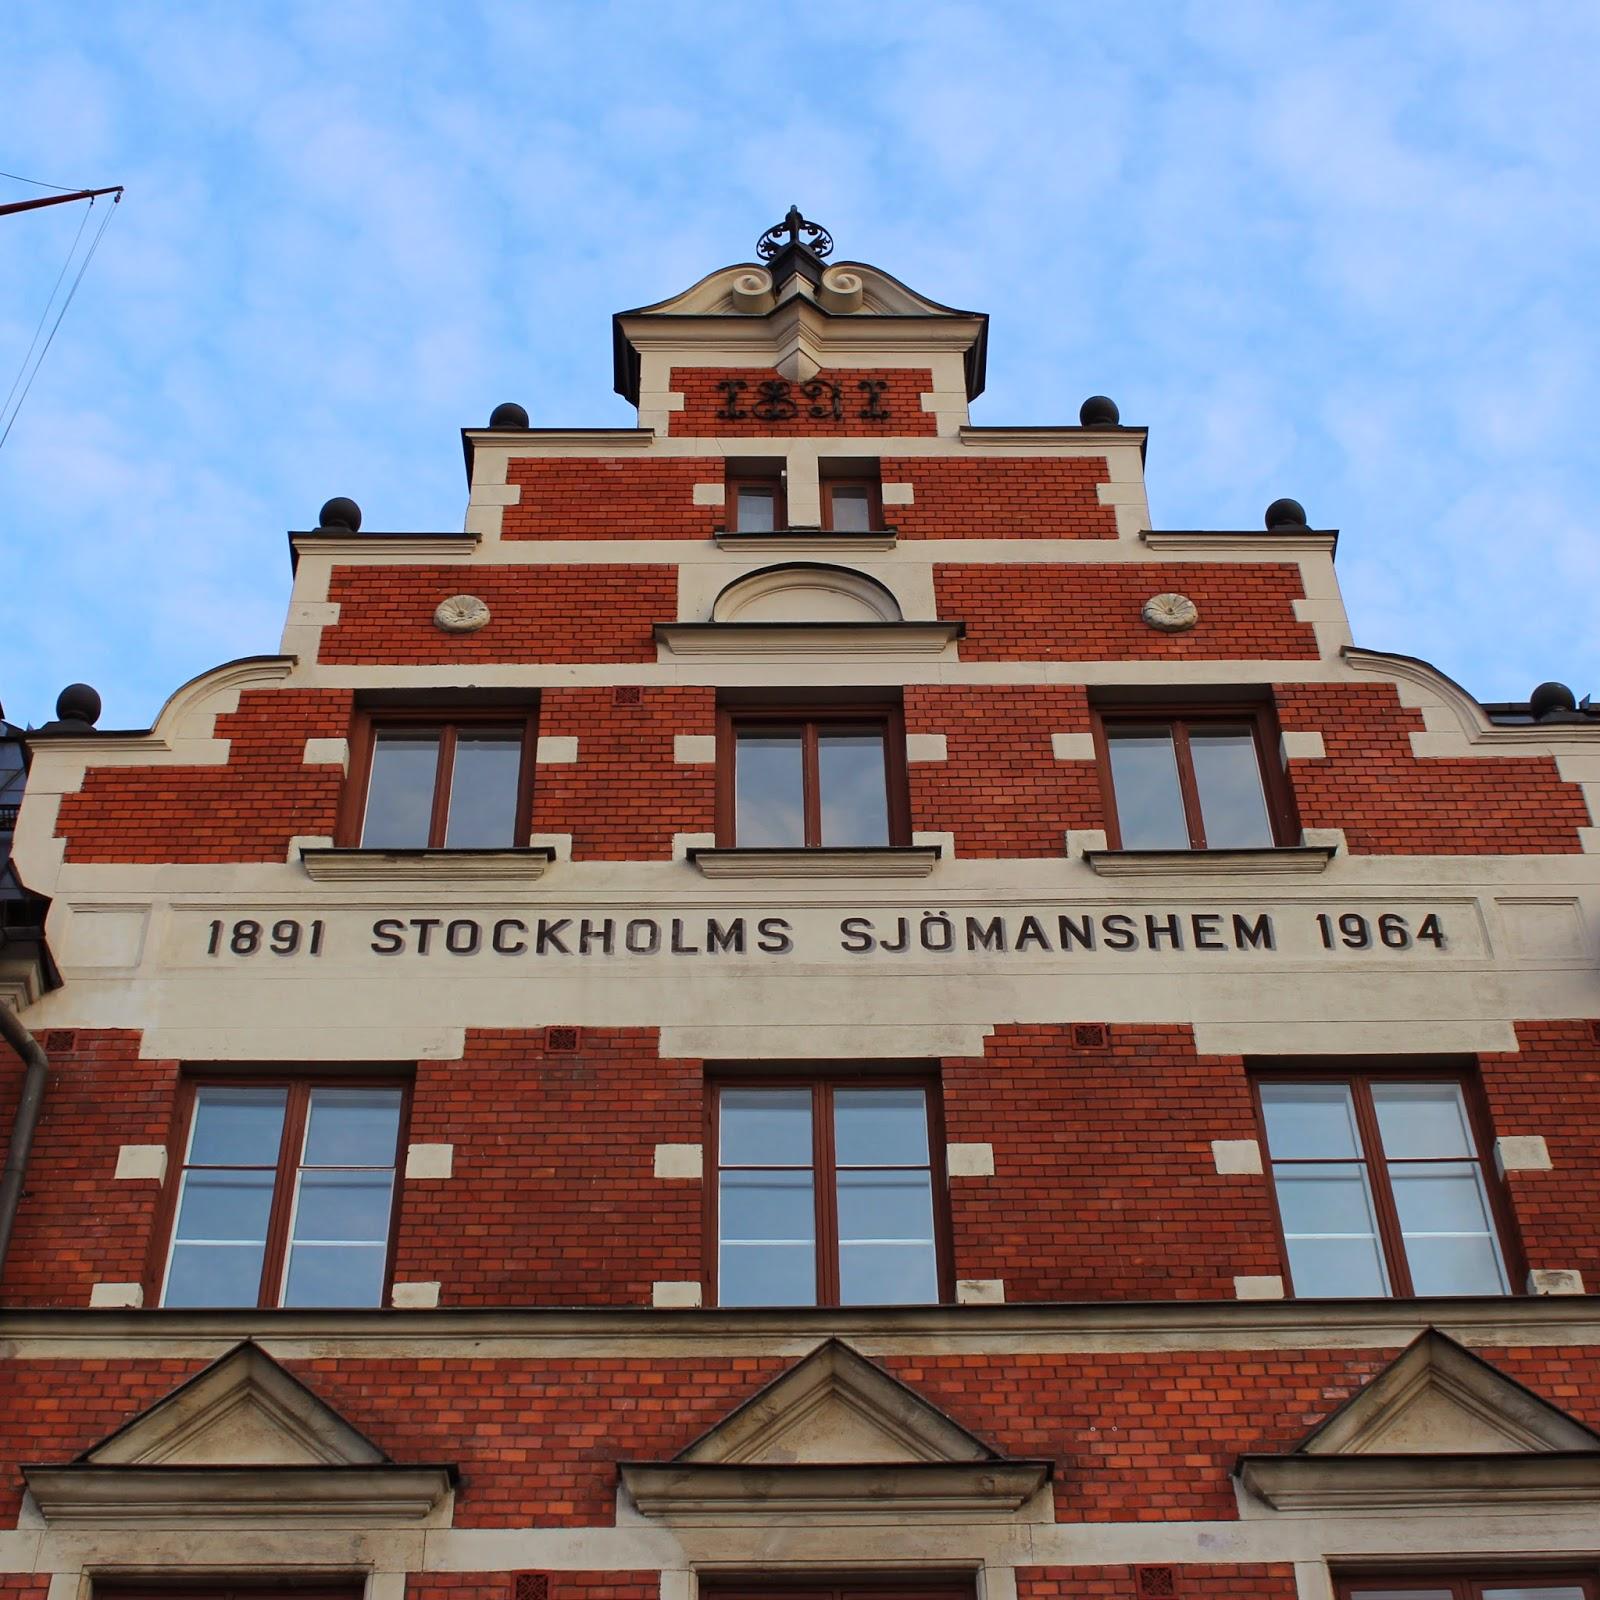 bauchgef hle schweden spontan trip nach stockholm. Black Bedroom Furniture Sets. Home Design Ideas